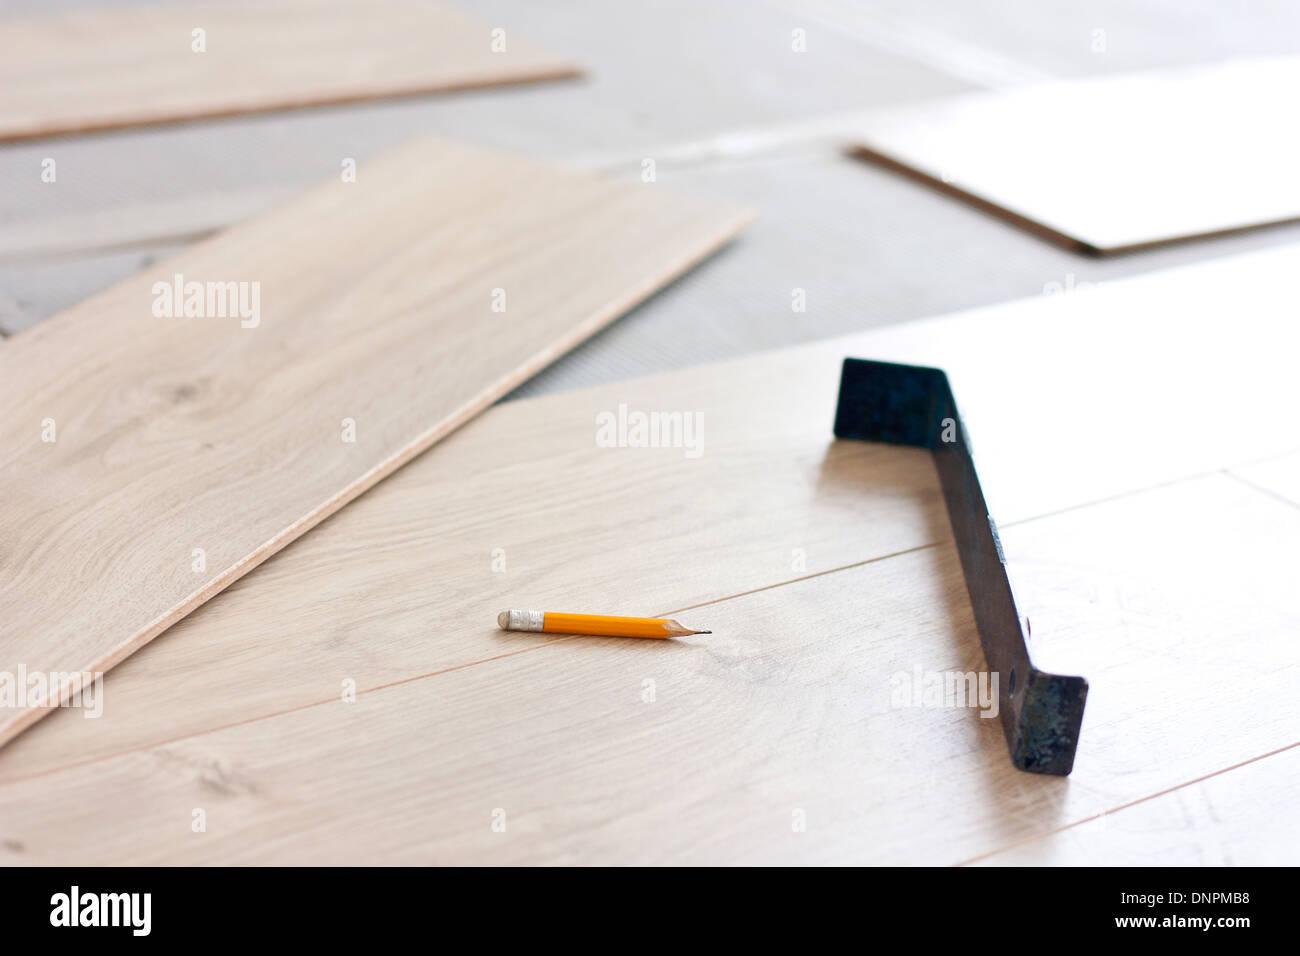 werkzeug für die verlegung von laminatböden und laminat paneele